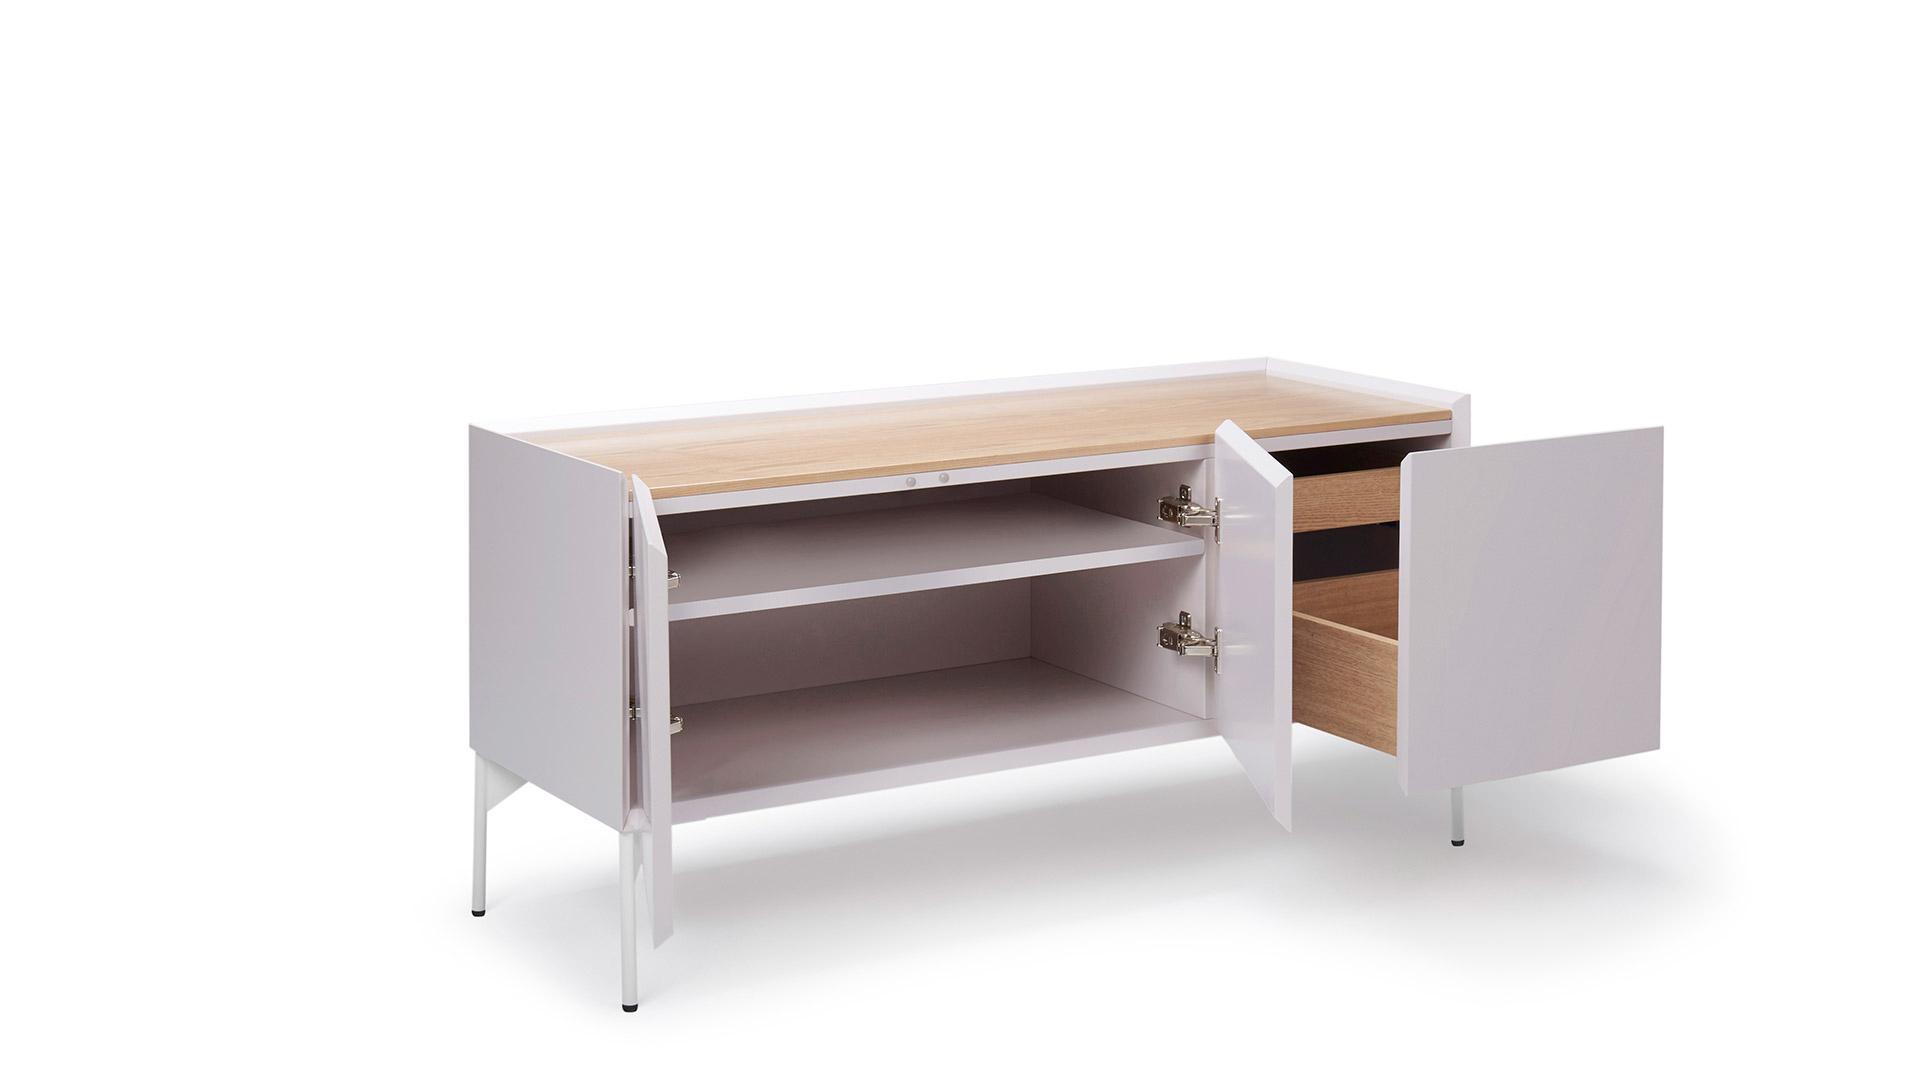 升级版柜体采用进口奥松板和Lamello P连接系统打造。特有的原料木材为生产密度板公认的最佳树种——辐射松,树种纯一、加工工艺严苛、生产设备先进决定了它超一流的世界领先地位,木材结构均匀、质感细腻柔美、环保可持续是其最大特色。相较经典版,升级版在牢固性和稳定性上更加出色。